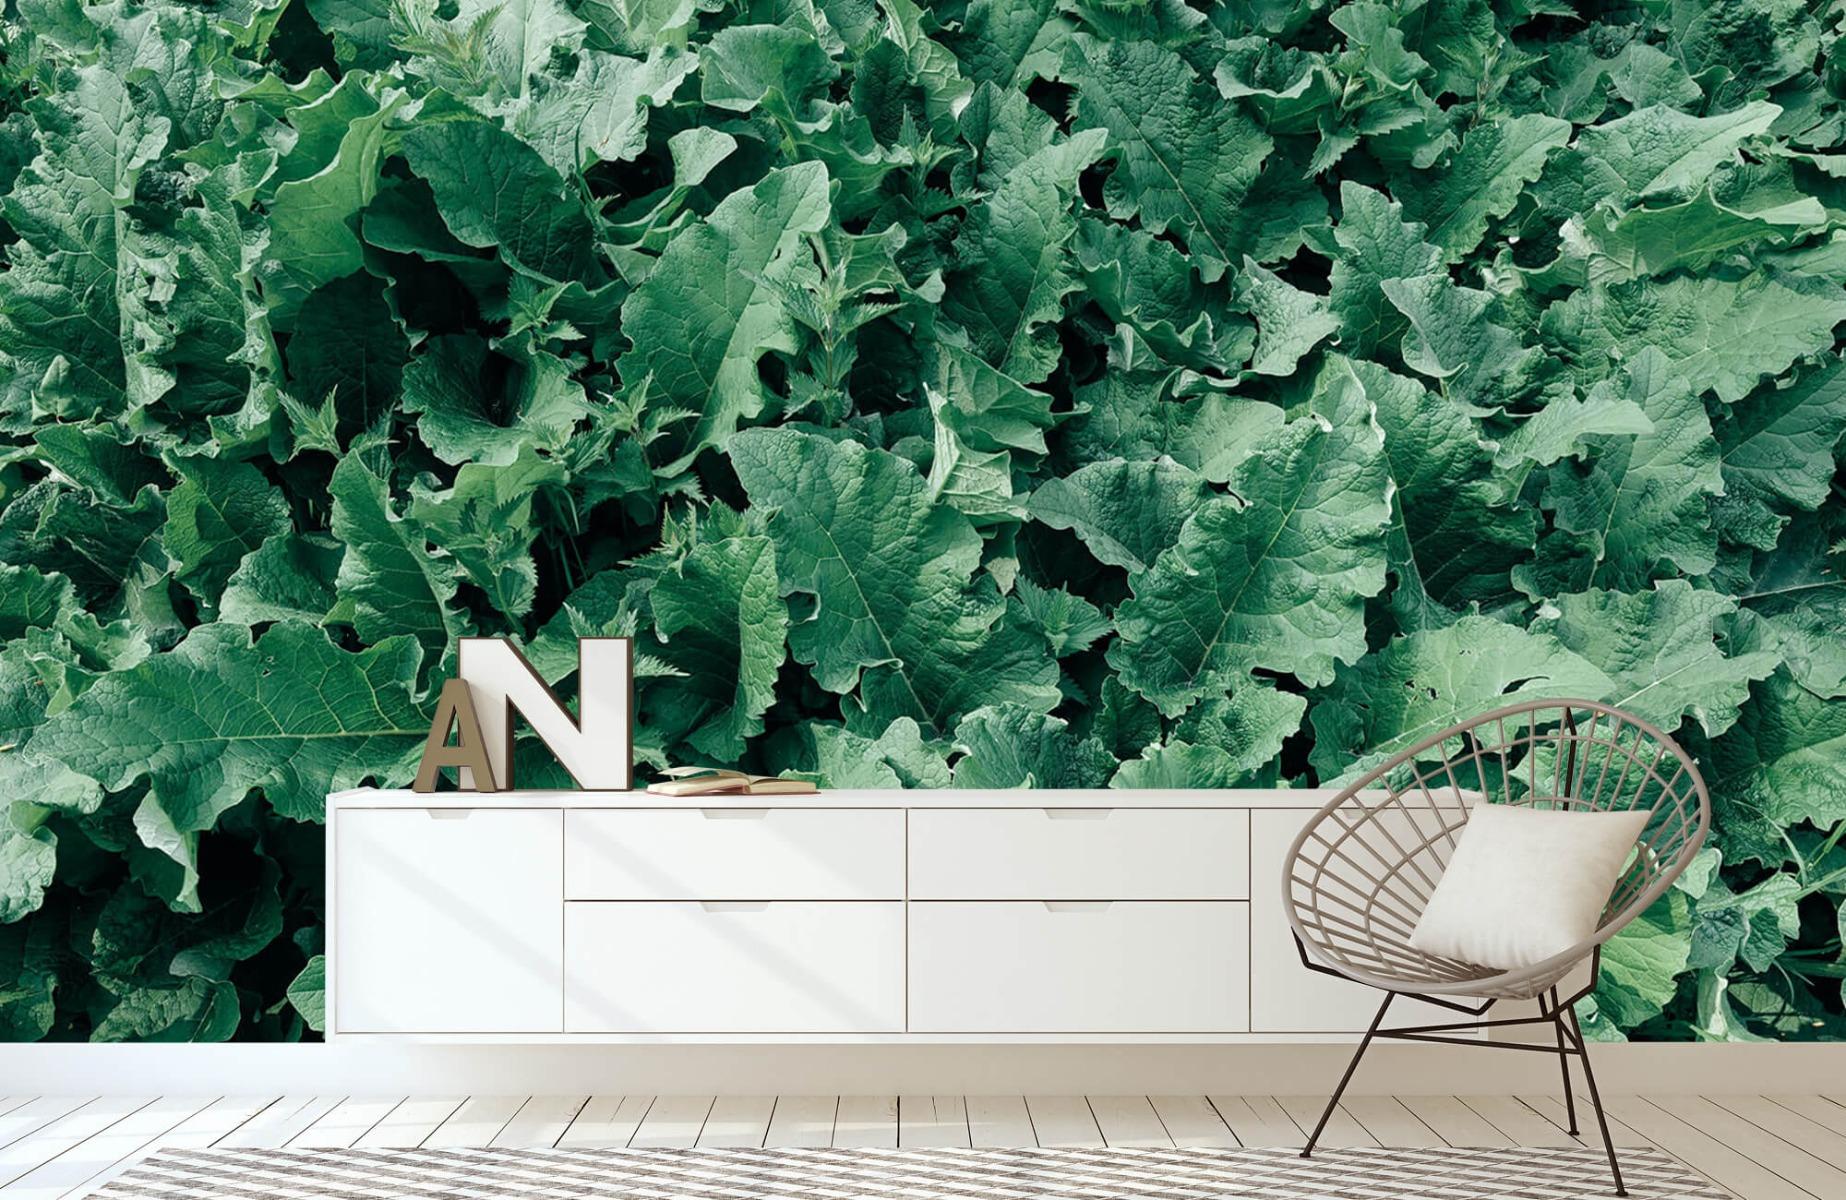 Bladeren - Gedetailleerd groen bladerdek - Wallexclusive - Slaapkamer 23